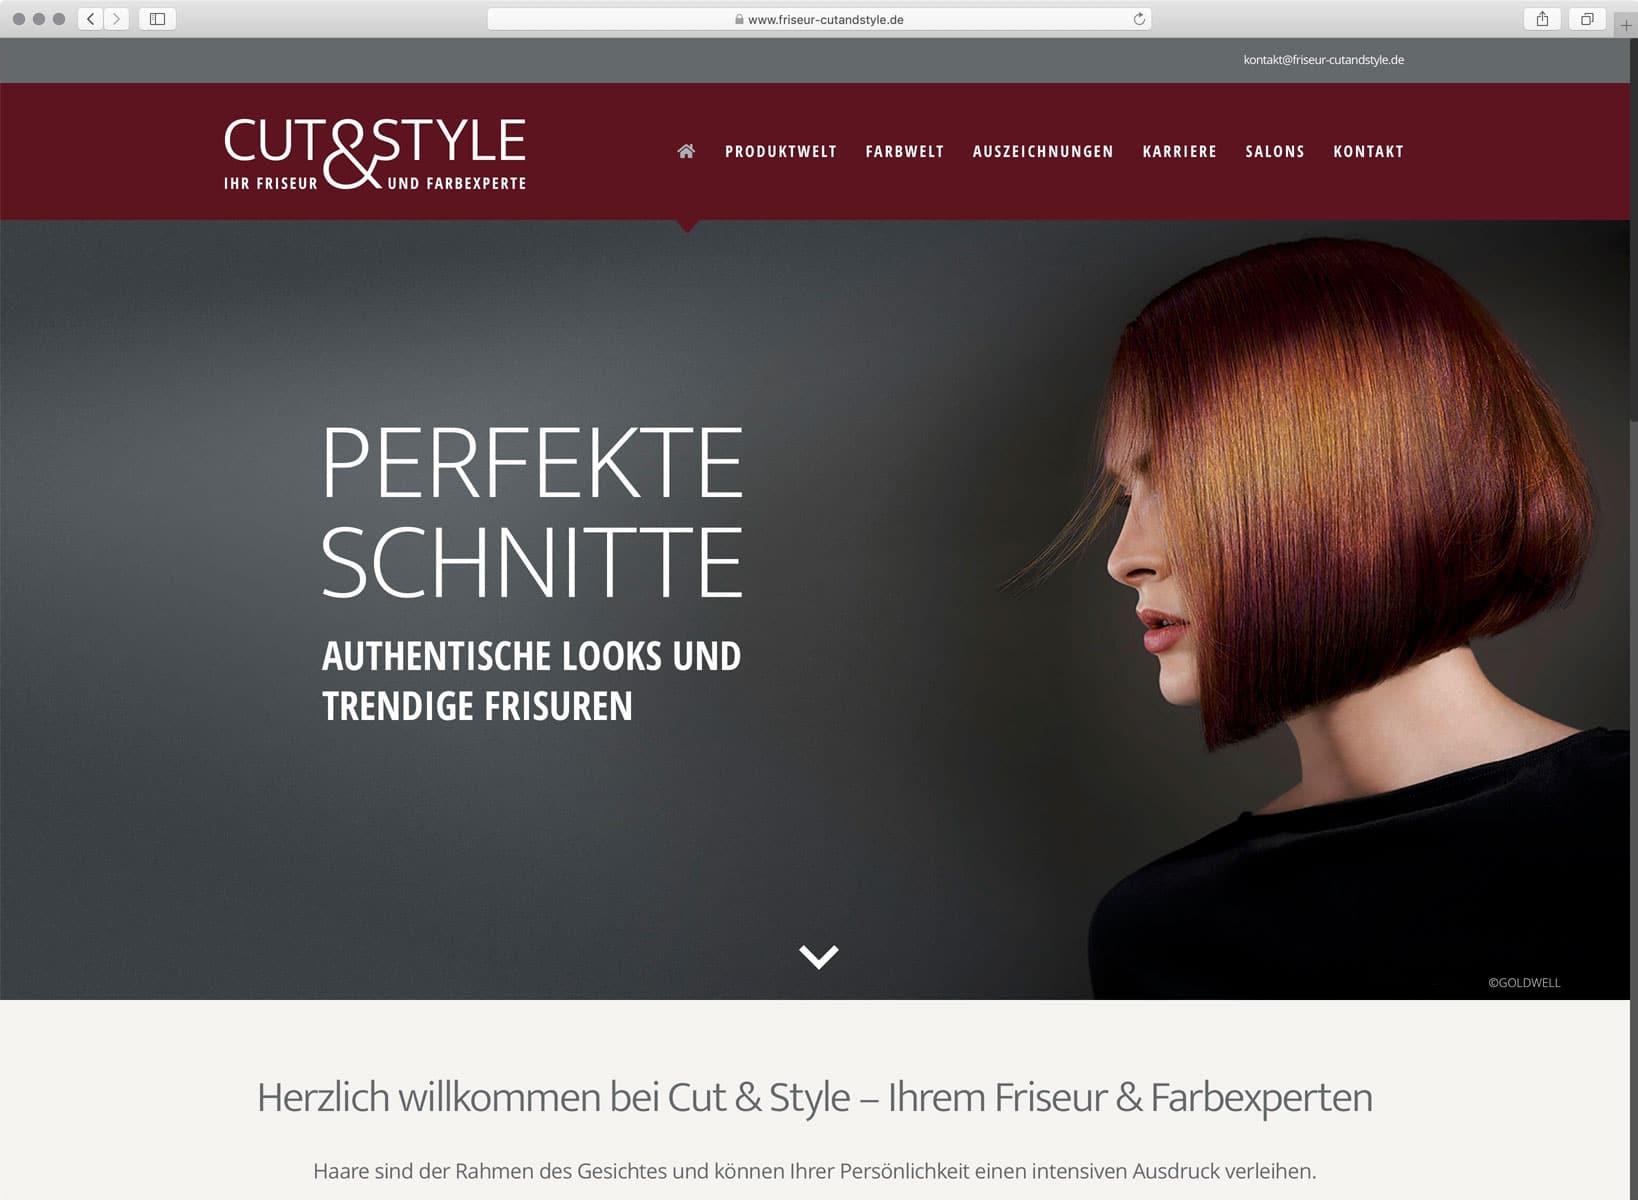 www.friseur-cutandstyle.de